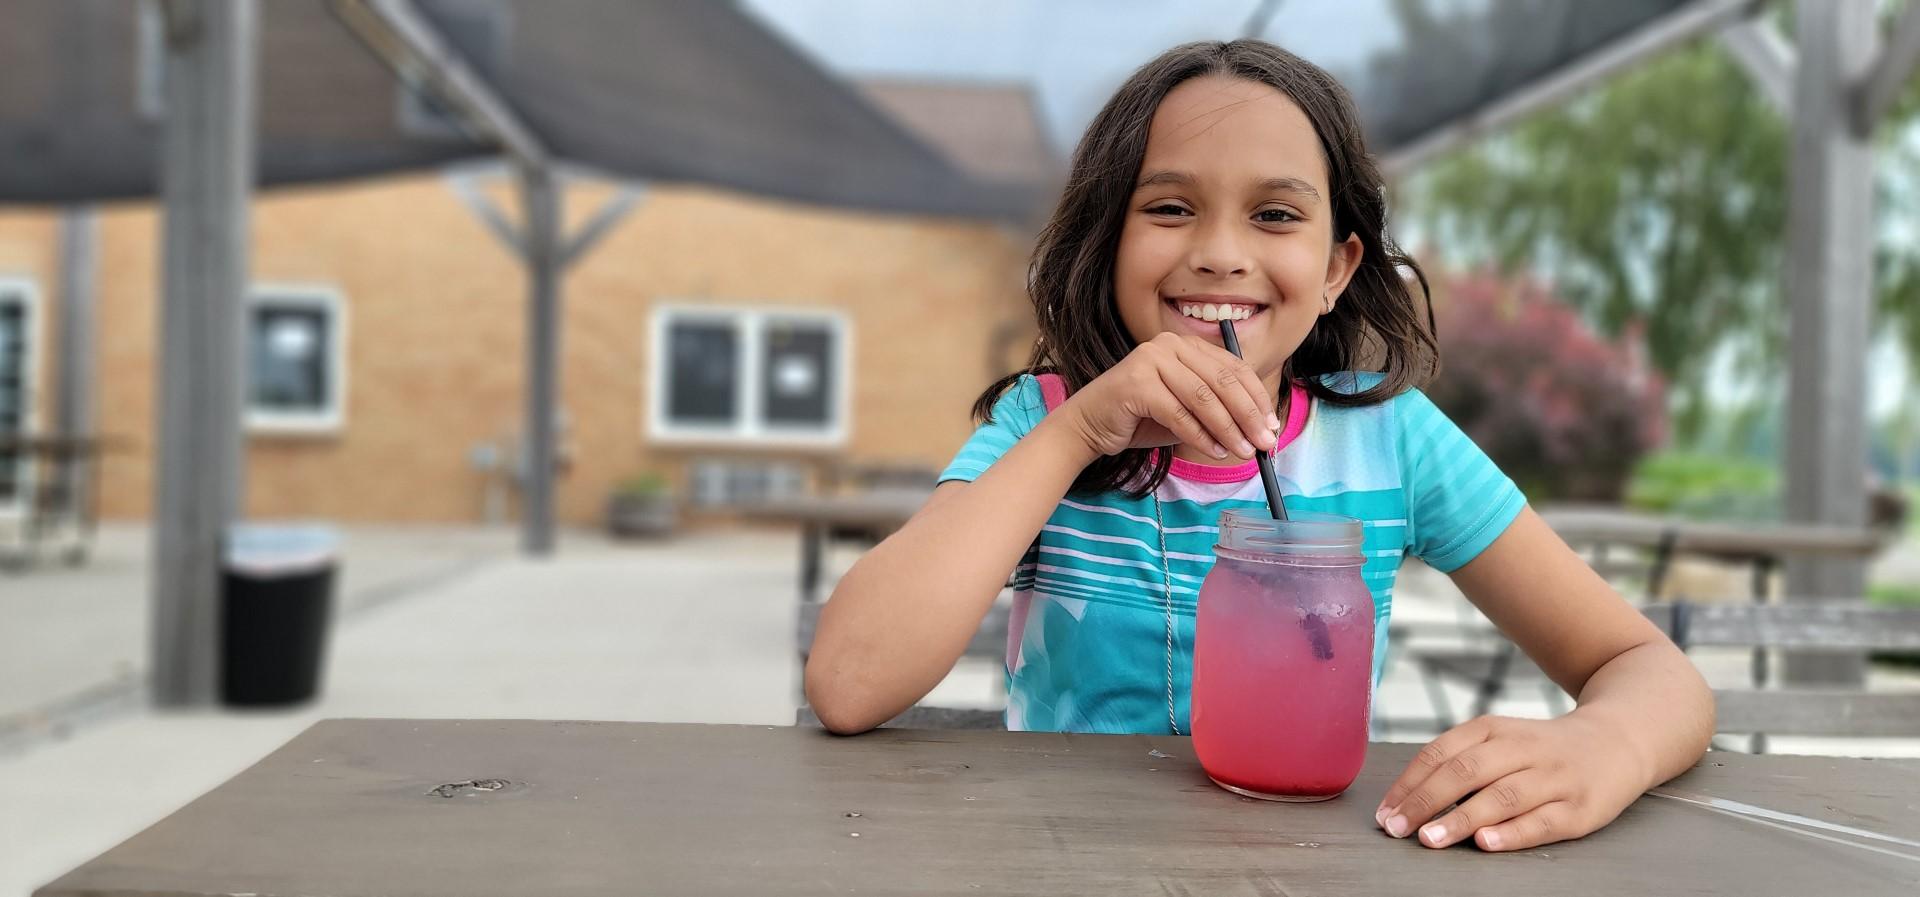 girl sipping blueberry lemonade